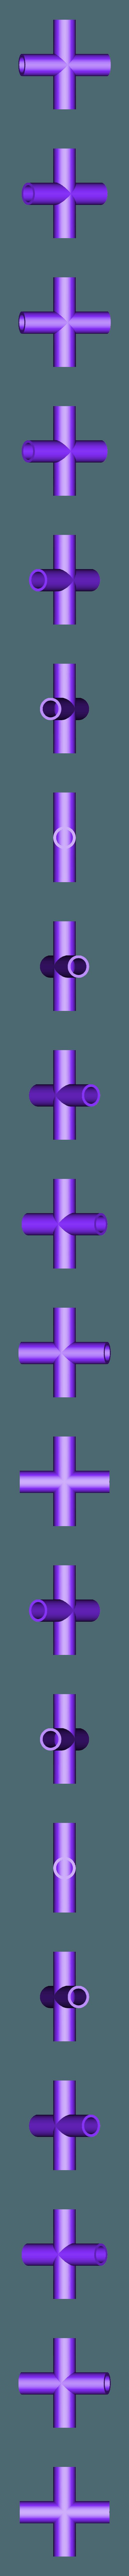 X_pipe_large.stl Télécharger fichier STL gratuit Sci-fi Réseau de tuyaux modulaire pour les paysages de wargaming • Objet à imprimer en 3D, redstarkits